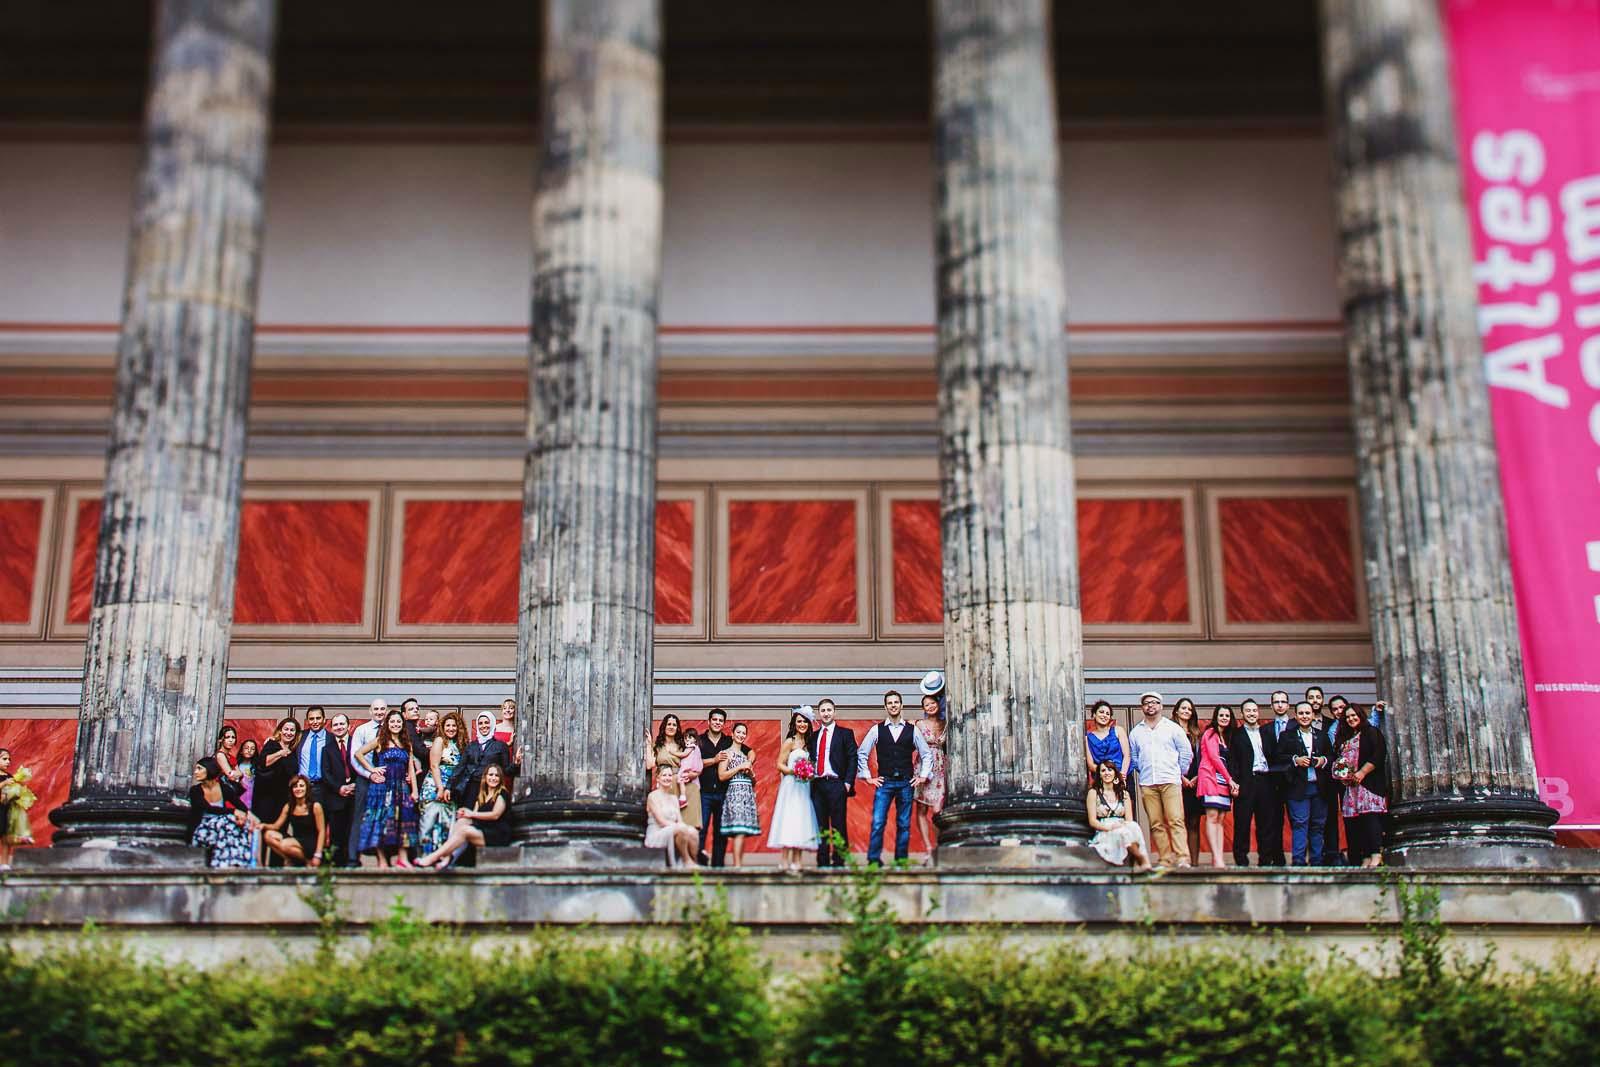 Hochzeitsgesellschaft am Alten Museum in Berlin Gruppenfoto vom Hochzeitsfotograf Copyright by Hochzeitsfotograf www.berliner-hochzeitsfotografie.de